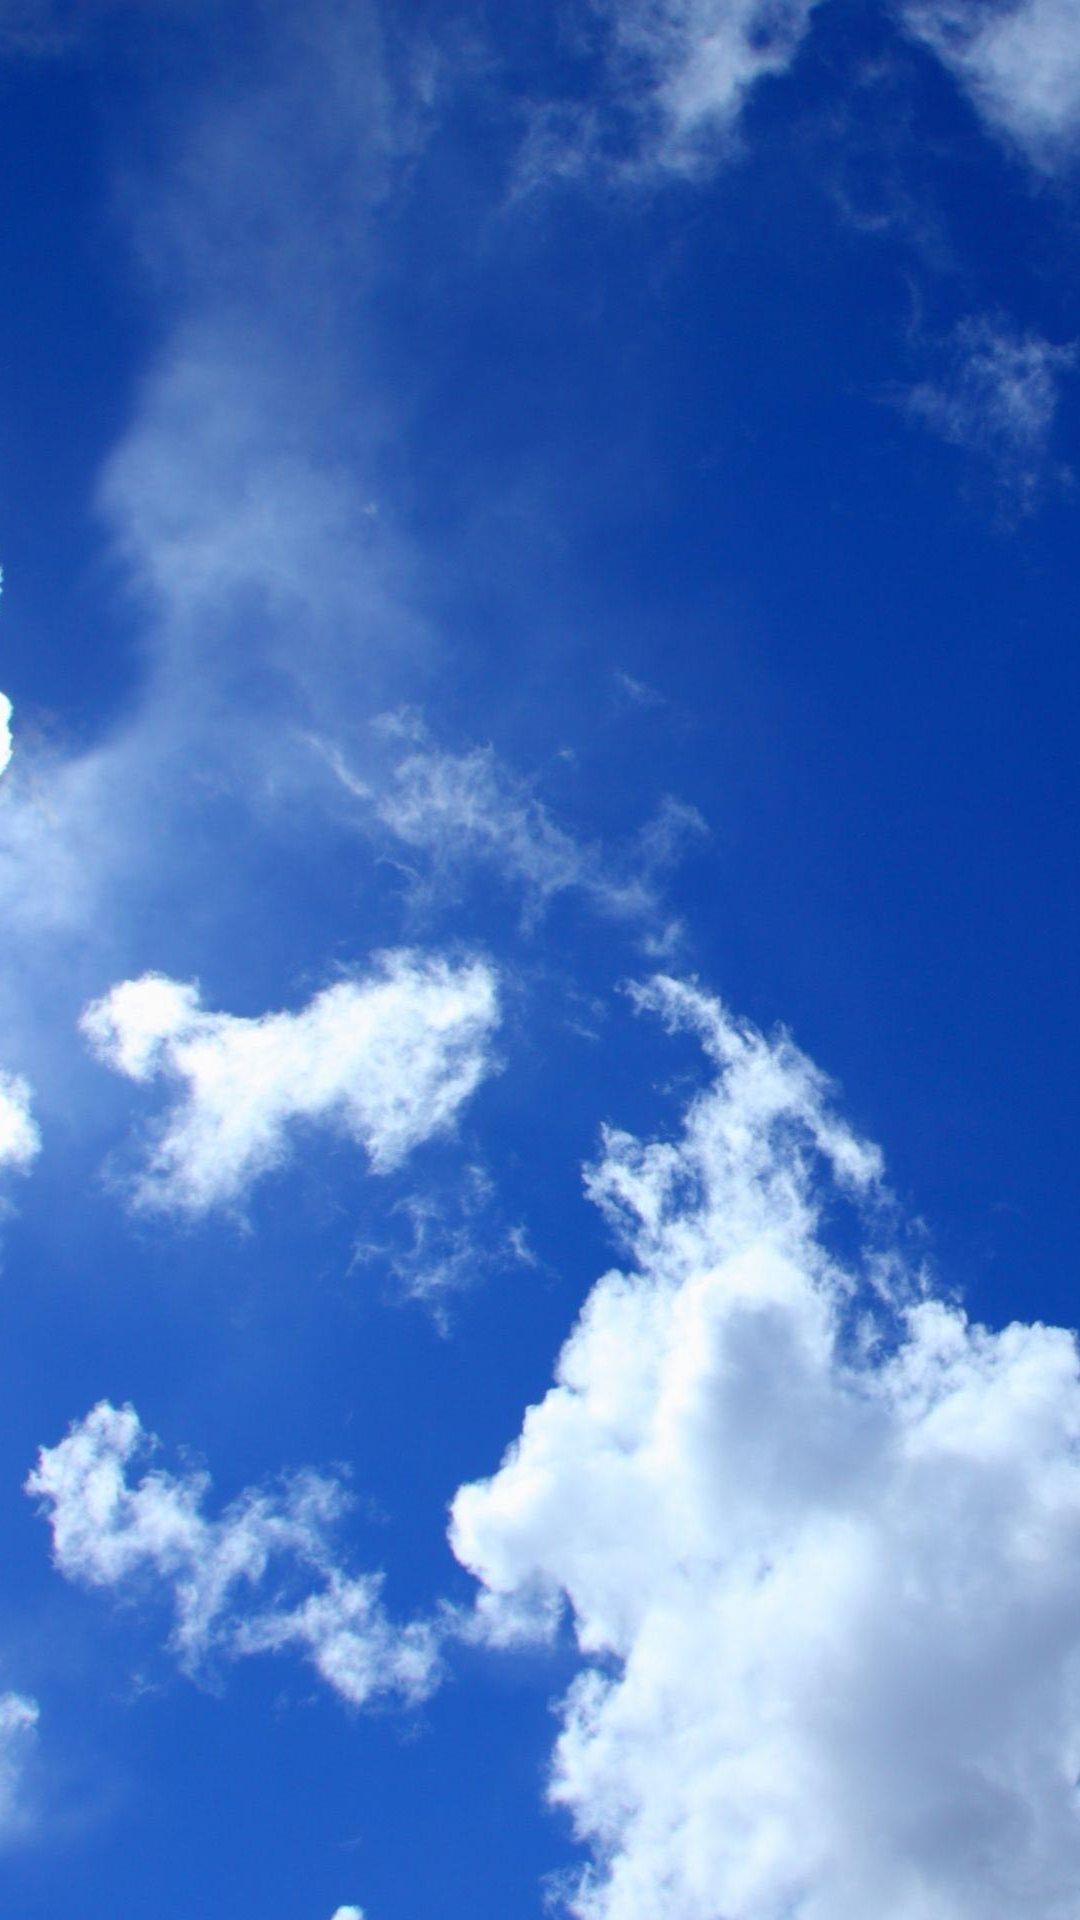 Картинки на телефон на заставку облака